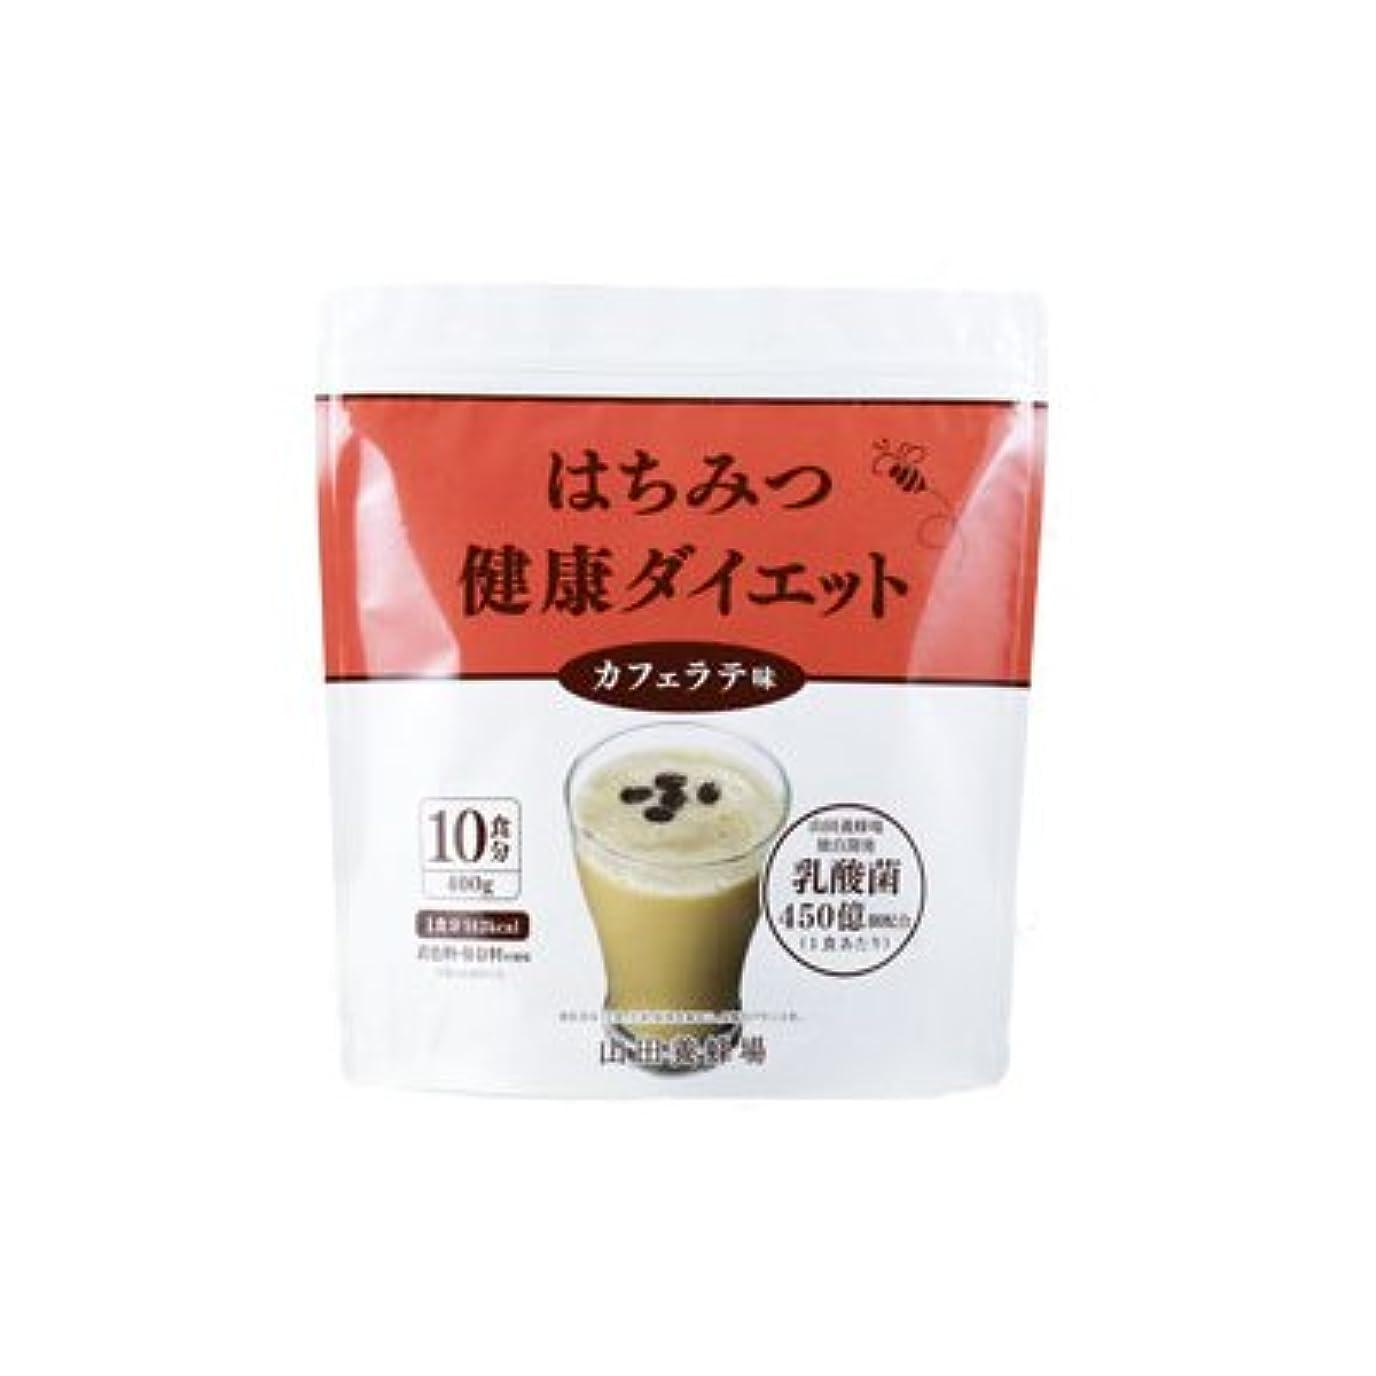 まもなくストレージ処方はちみつ健康ダイエット 【カフェラテ味】400g(10食分)